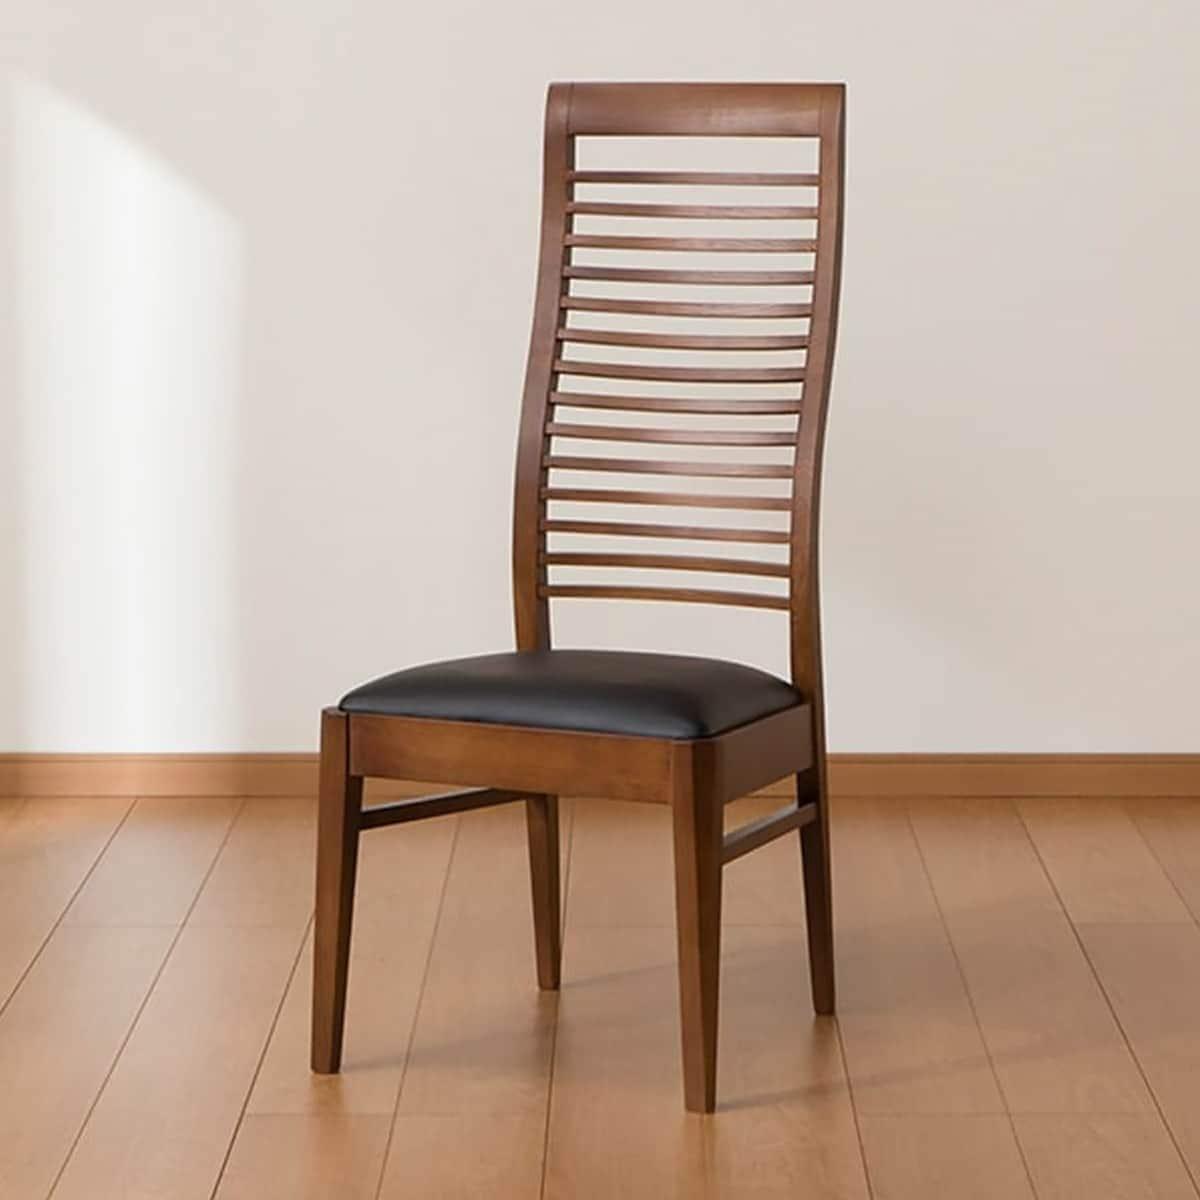 椅子 お金を節約 イス いす 食卓 ダイニングチェアー 木製 幅44cm ハイバックダイニングチェア 玄関先迄納品 MBR2 食卓イス ダイニングチェア ニトリ 低廉 5年保証 マライア3